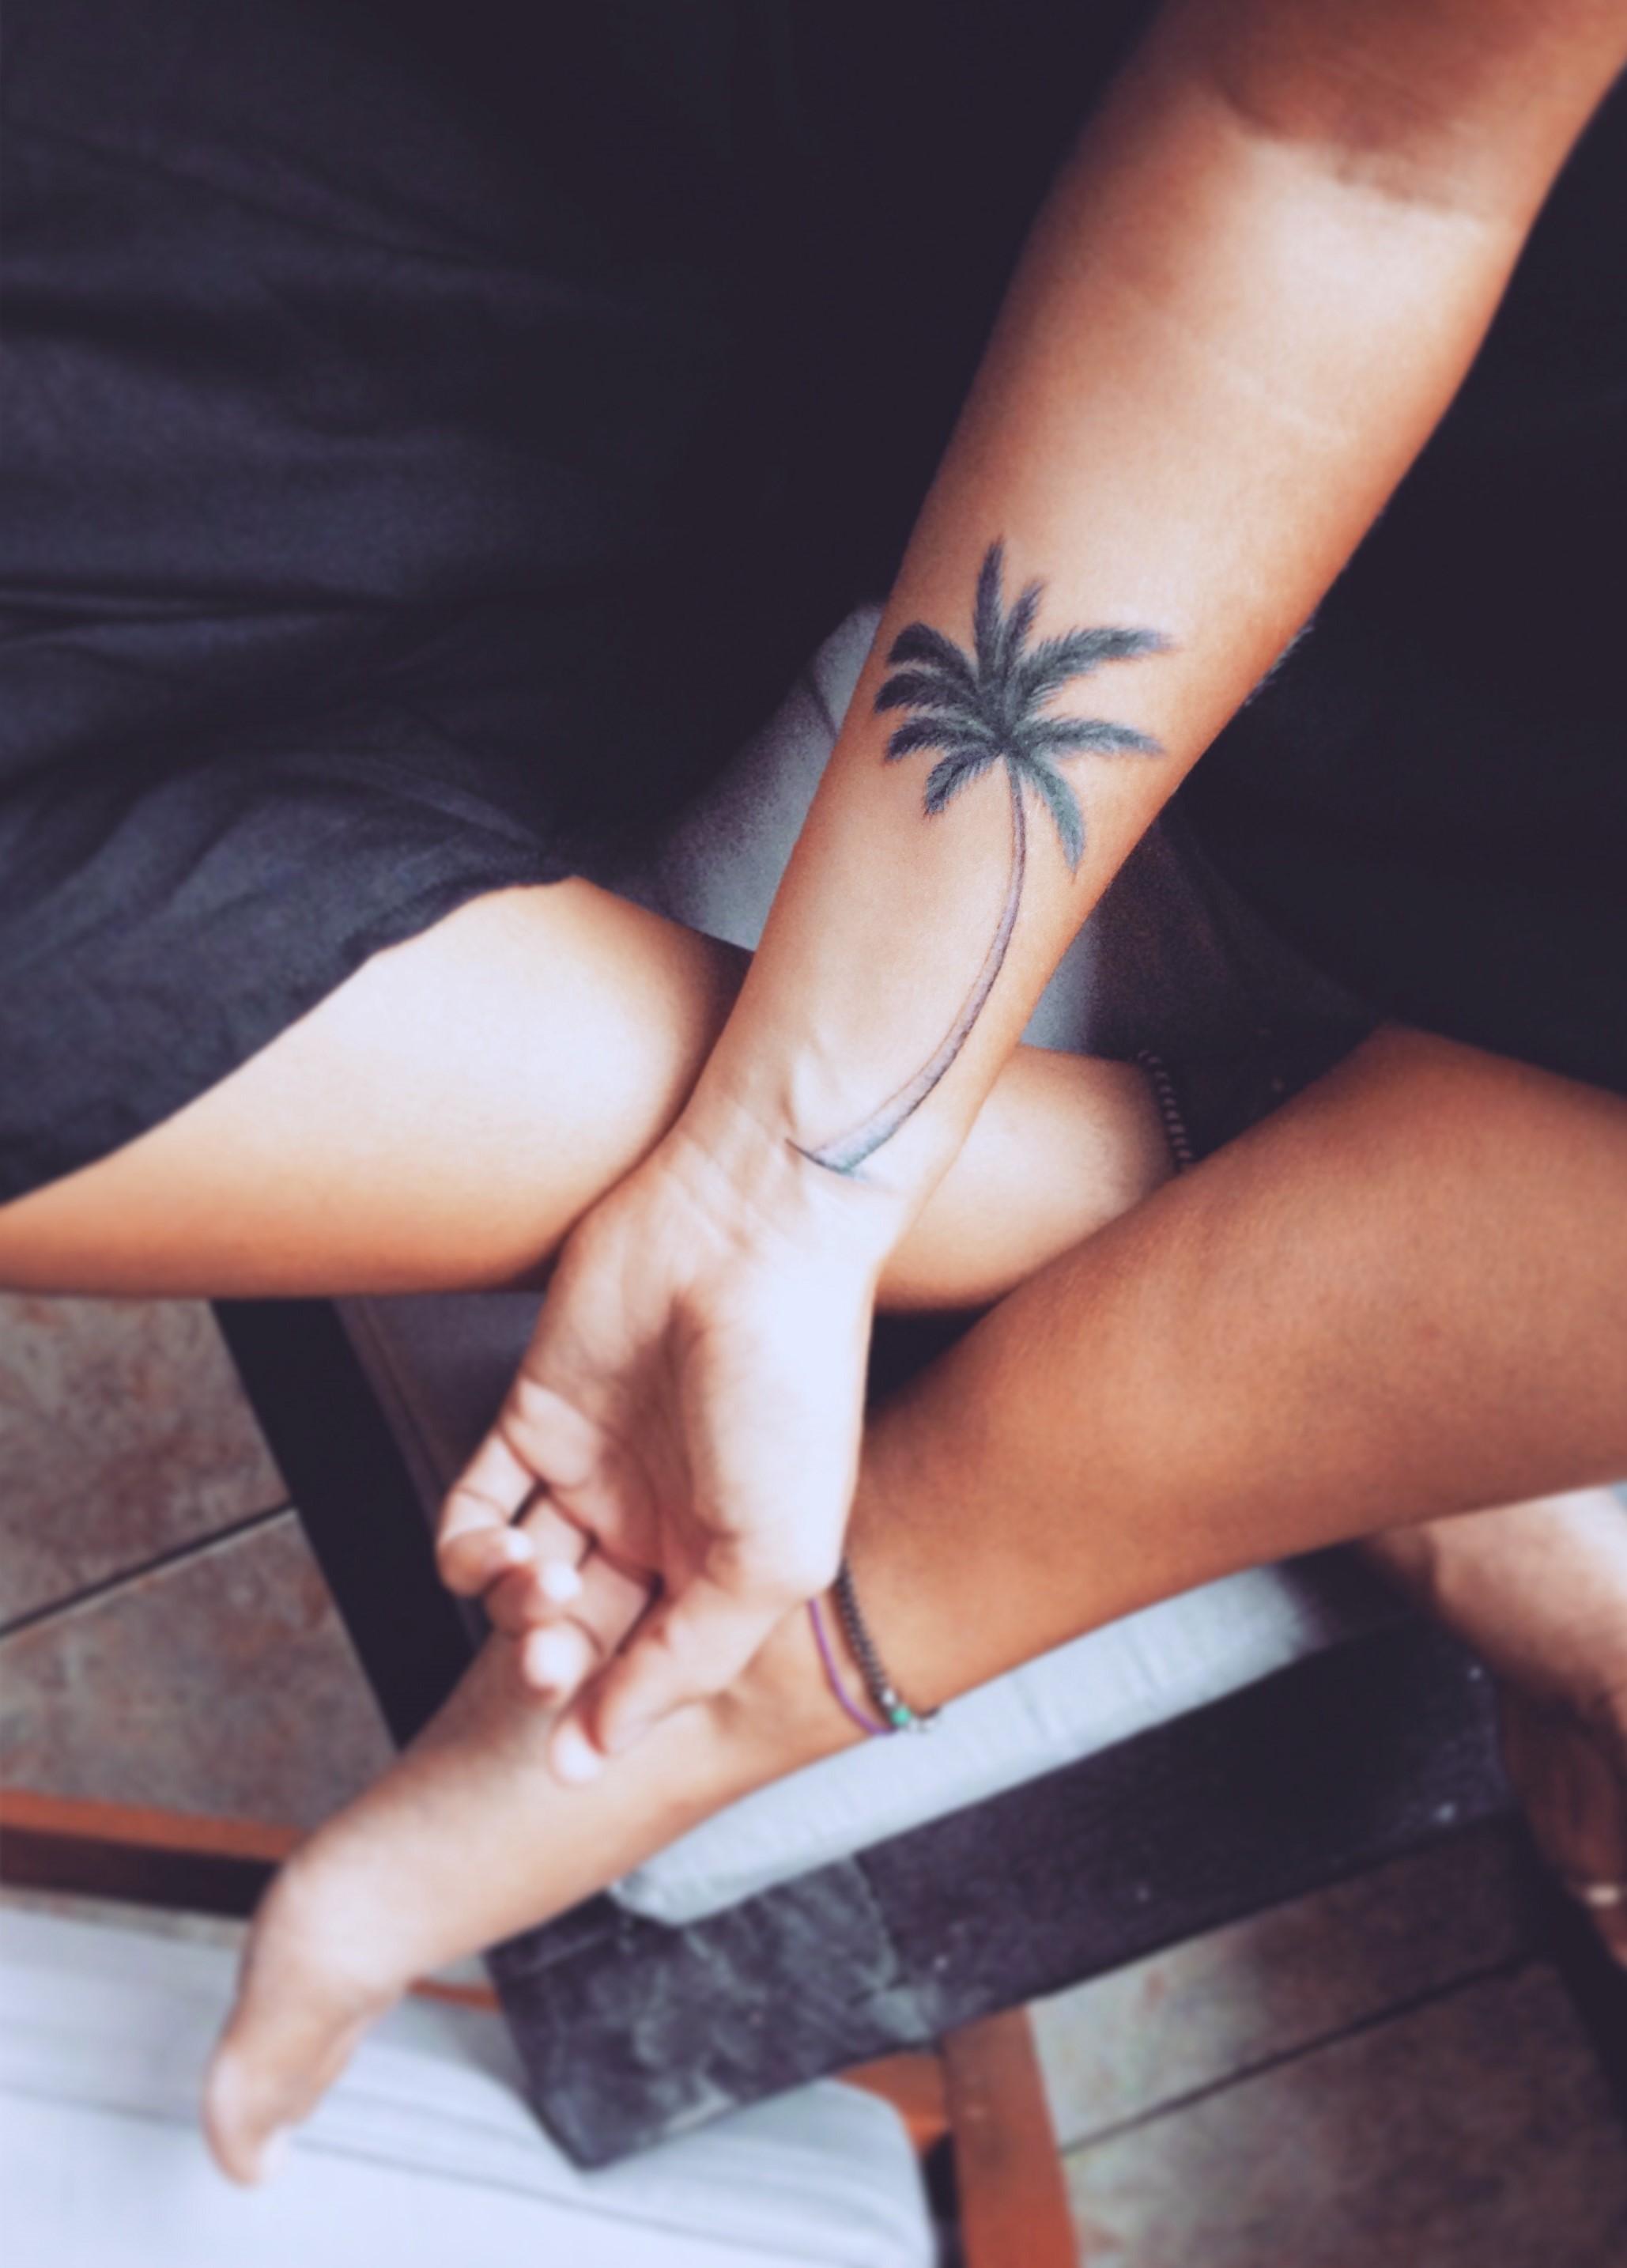 Selon les théories antiques, les feuilles du palmier sont considérées comme un symbole de Dieu.